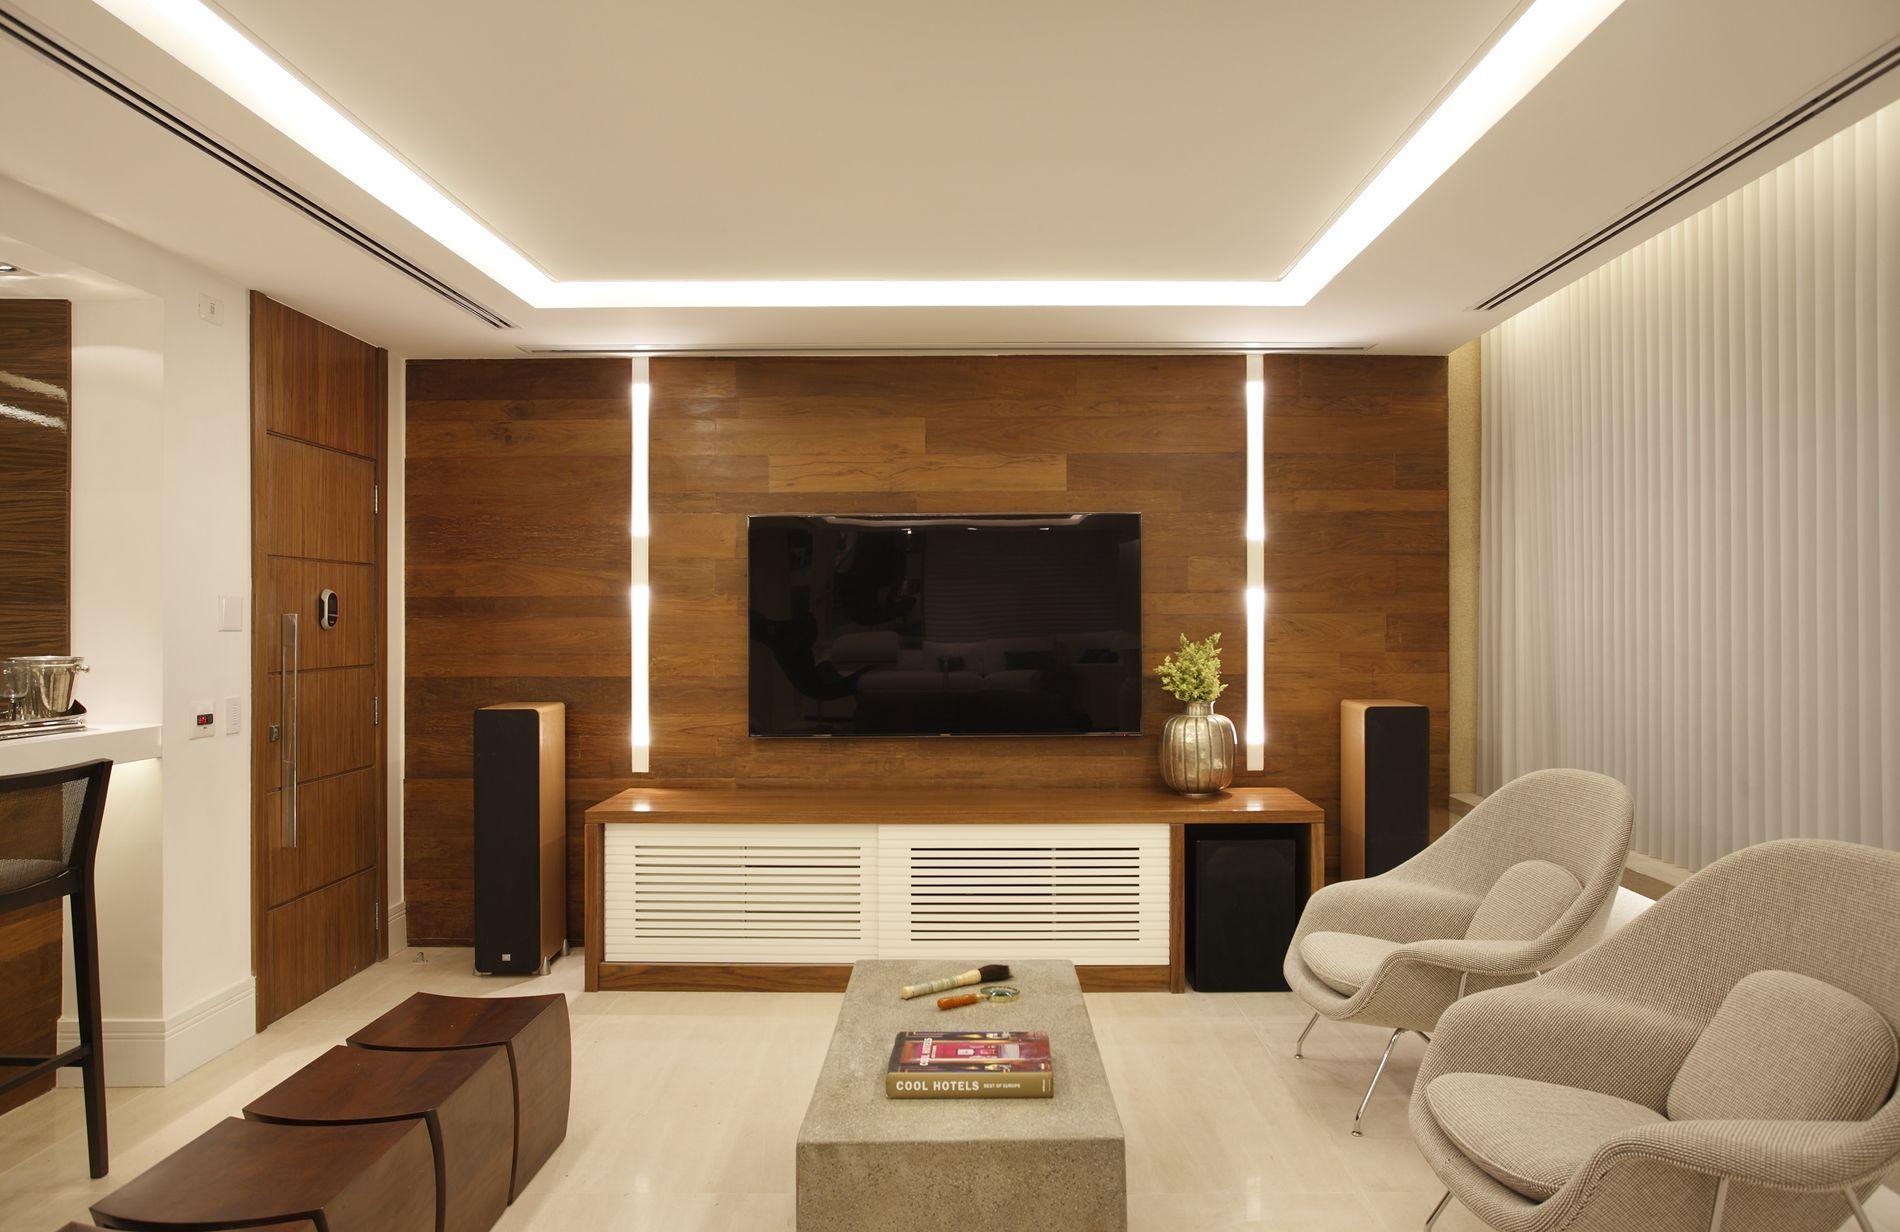 Apartamento Delfim Moreira Leblon Bianca Da Hora #9D2E3E 1900 1232